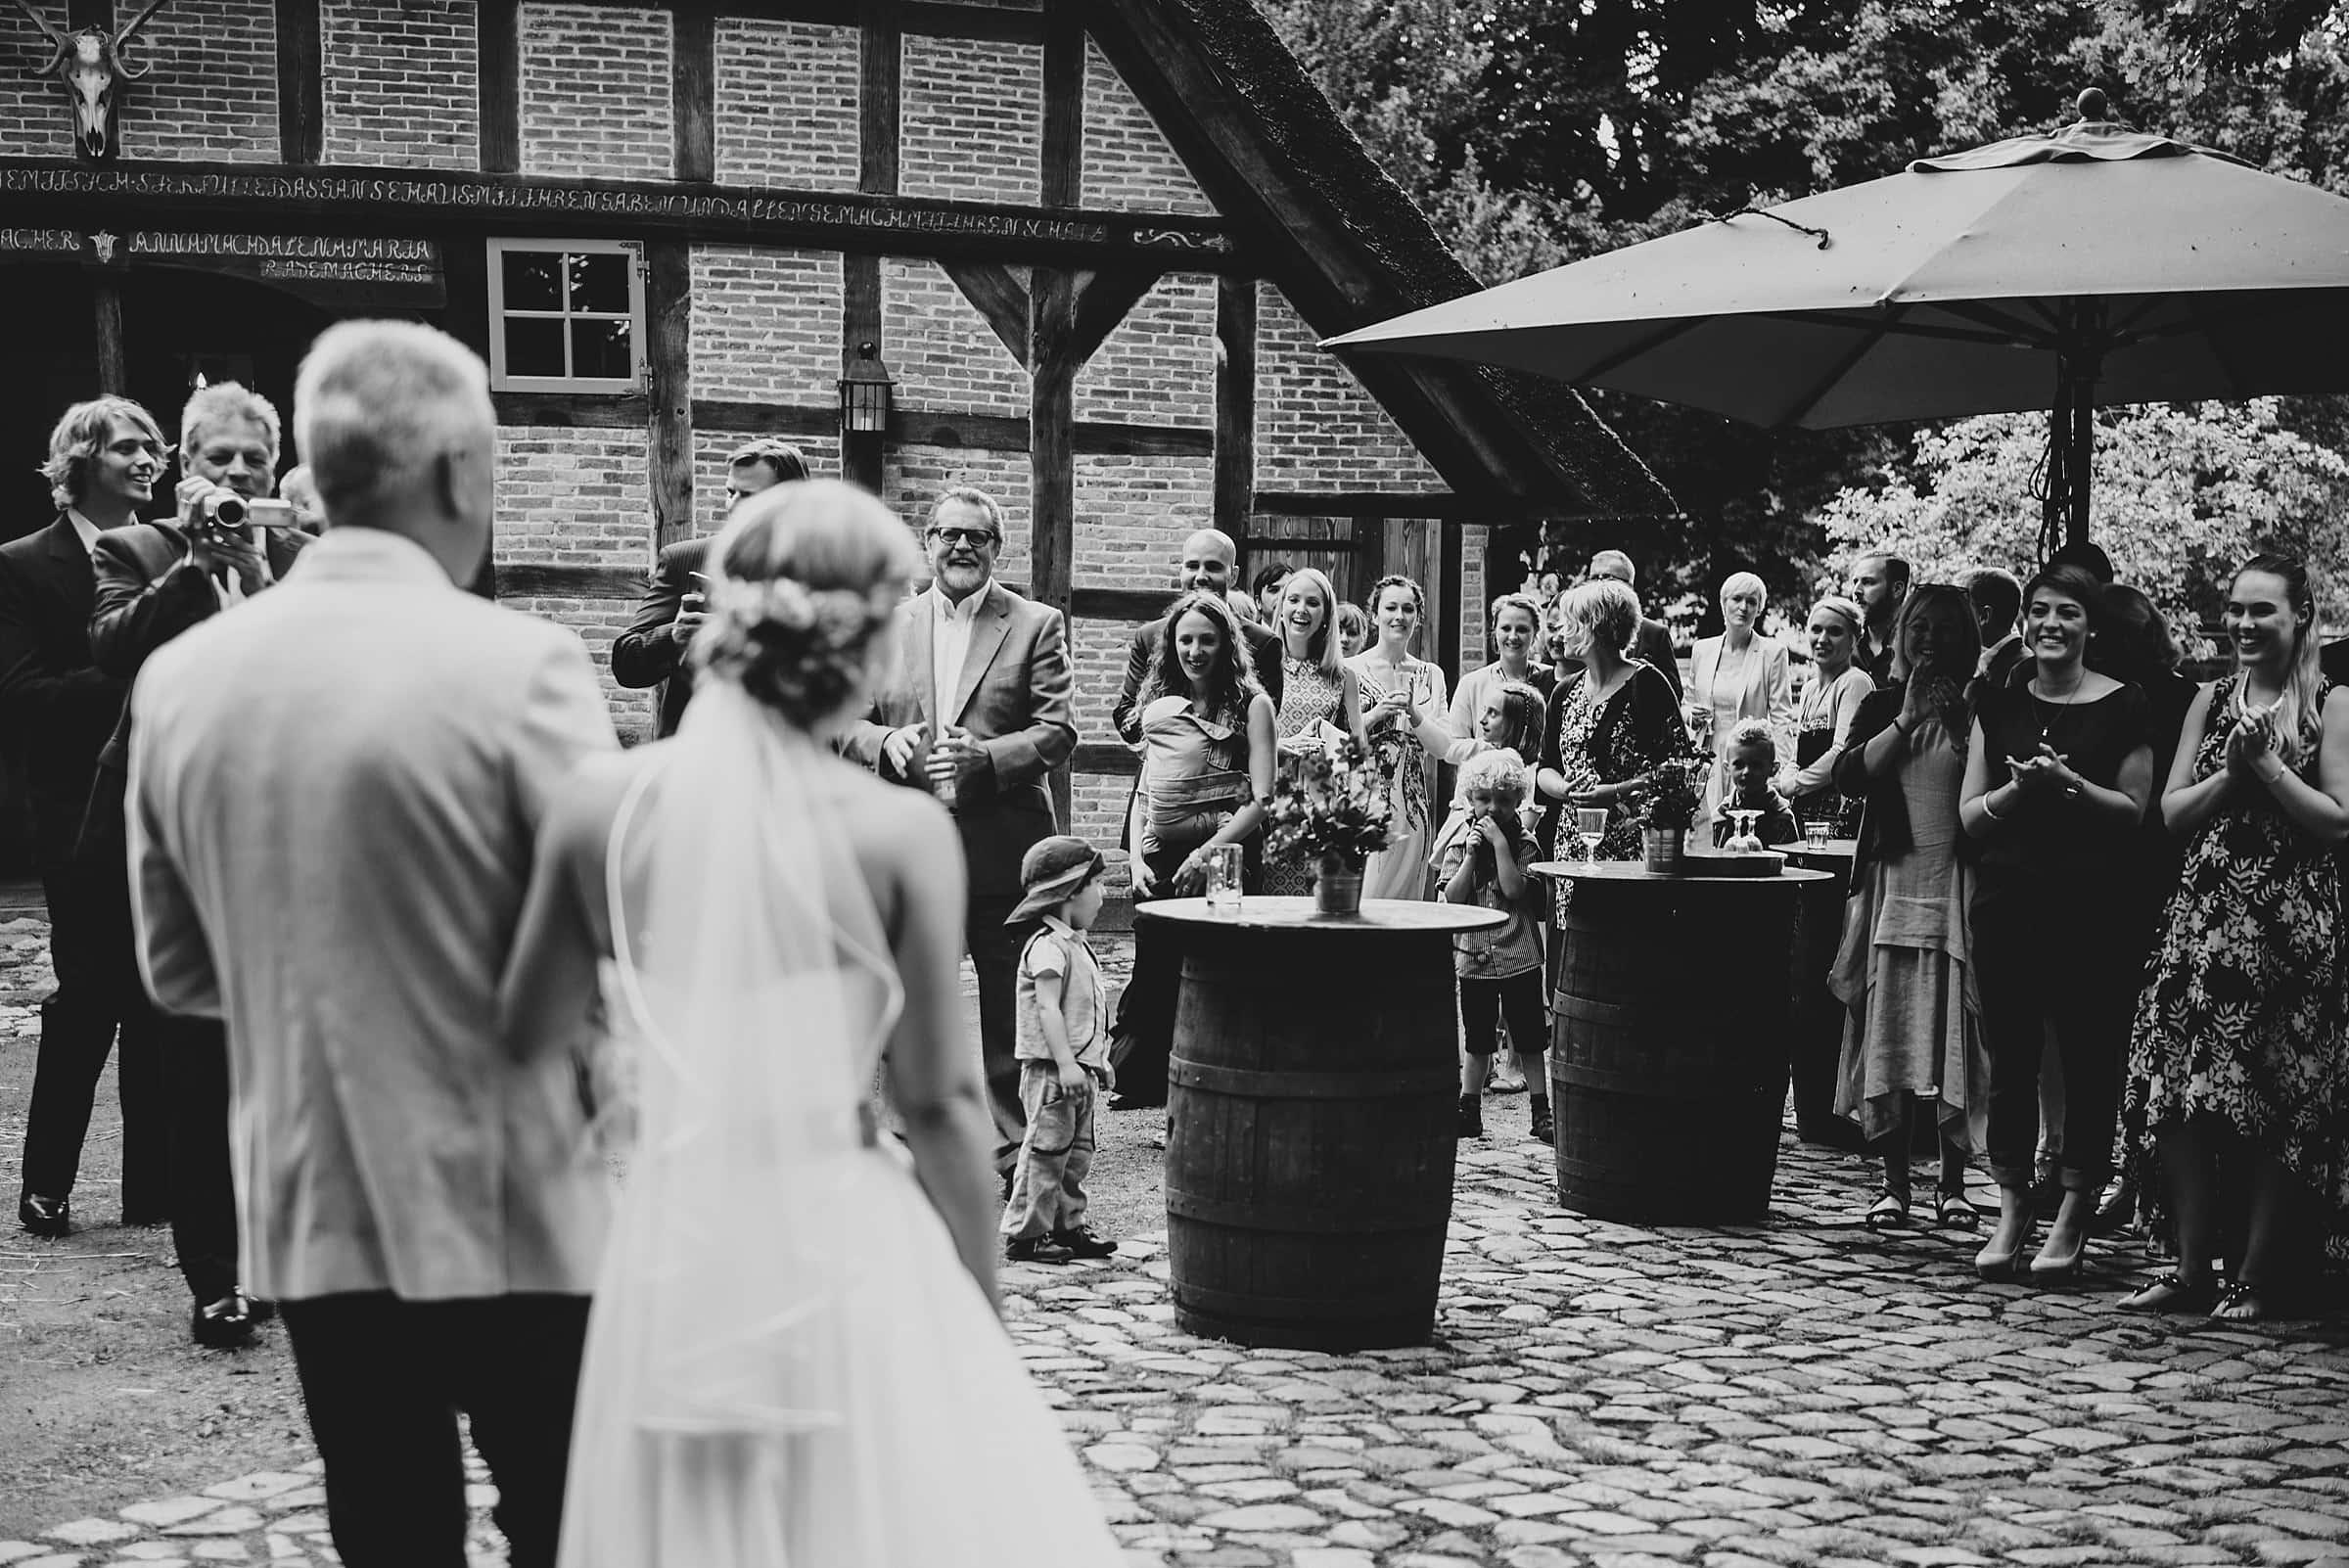 Hochzeitsfotografie-Frau-Siemers-Hof Weihe-Braut trifft am Hof ein und wird von den Gästen empfangen